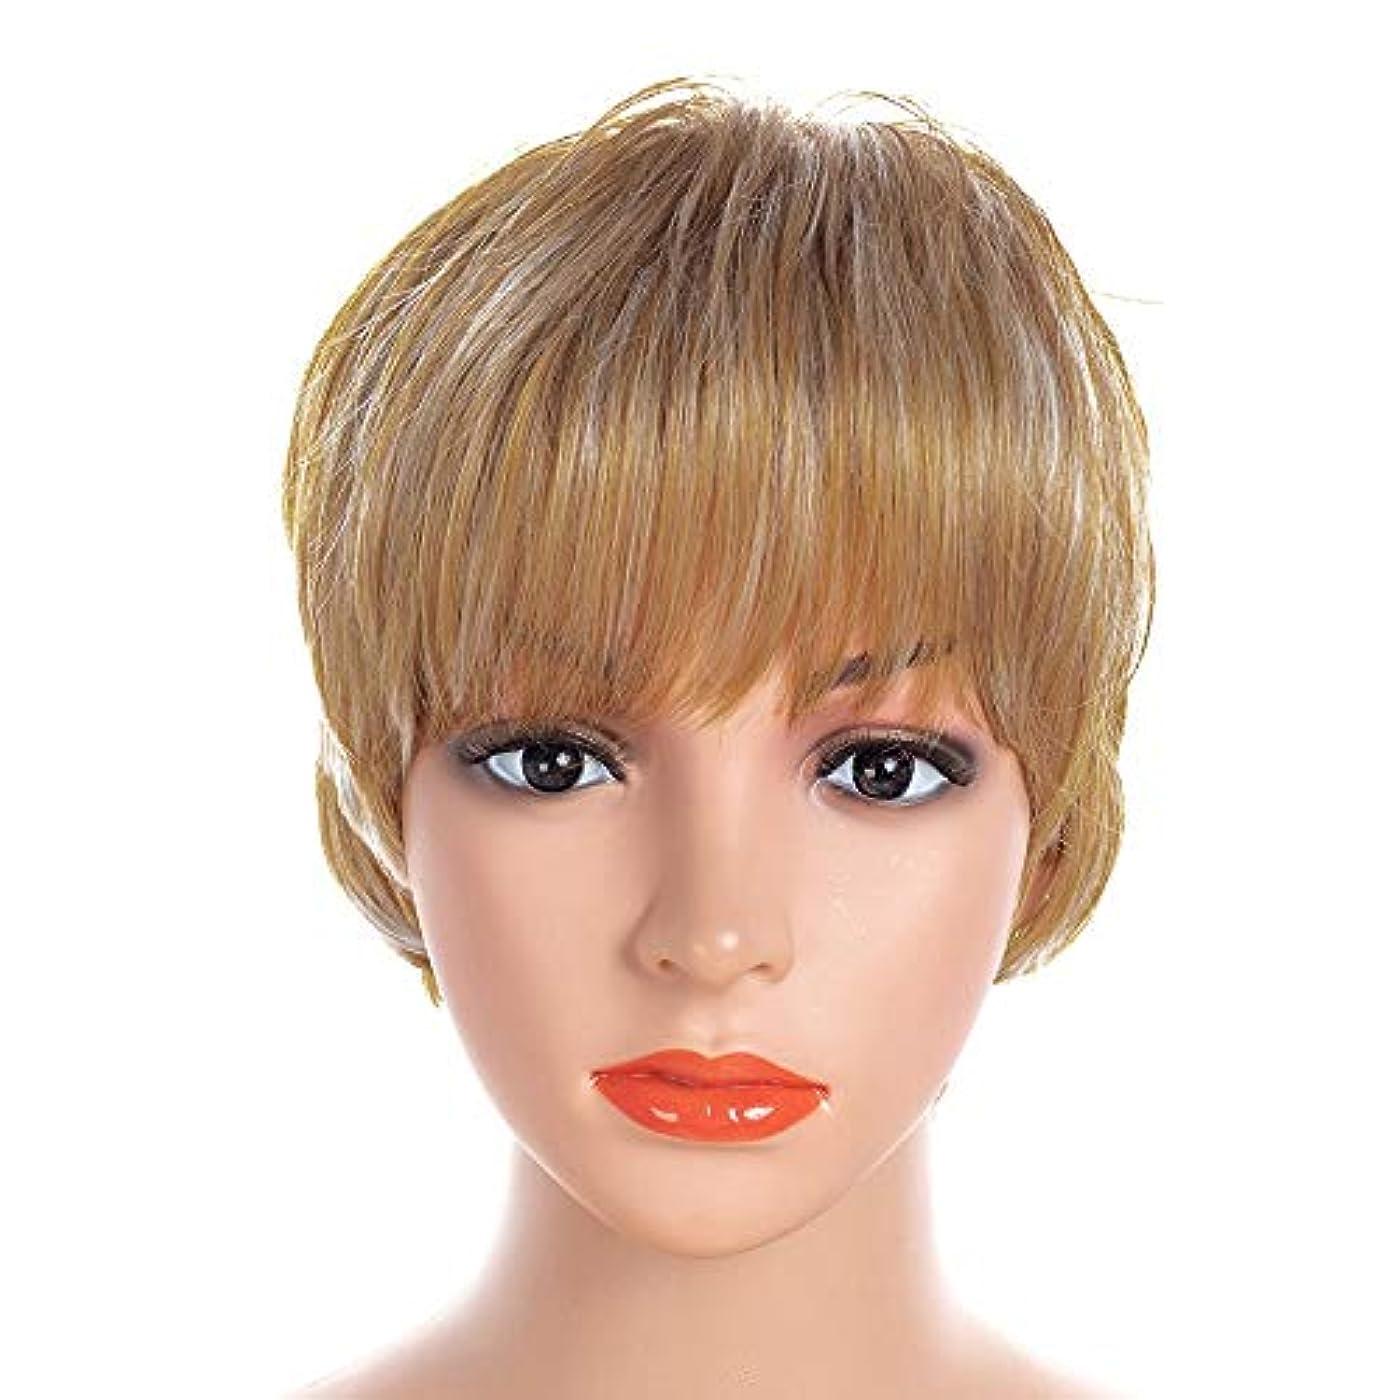 部札入れ割り当てるYOUQIU 上品なボブスタイルCospalyパーティーヘアウィッグかつらでレディースショートカーリーブロンドのかつら (色 : Blonde, サイズ : 30cm)